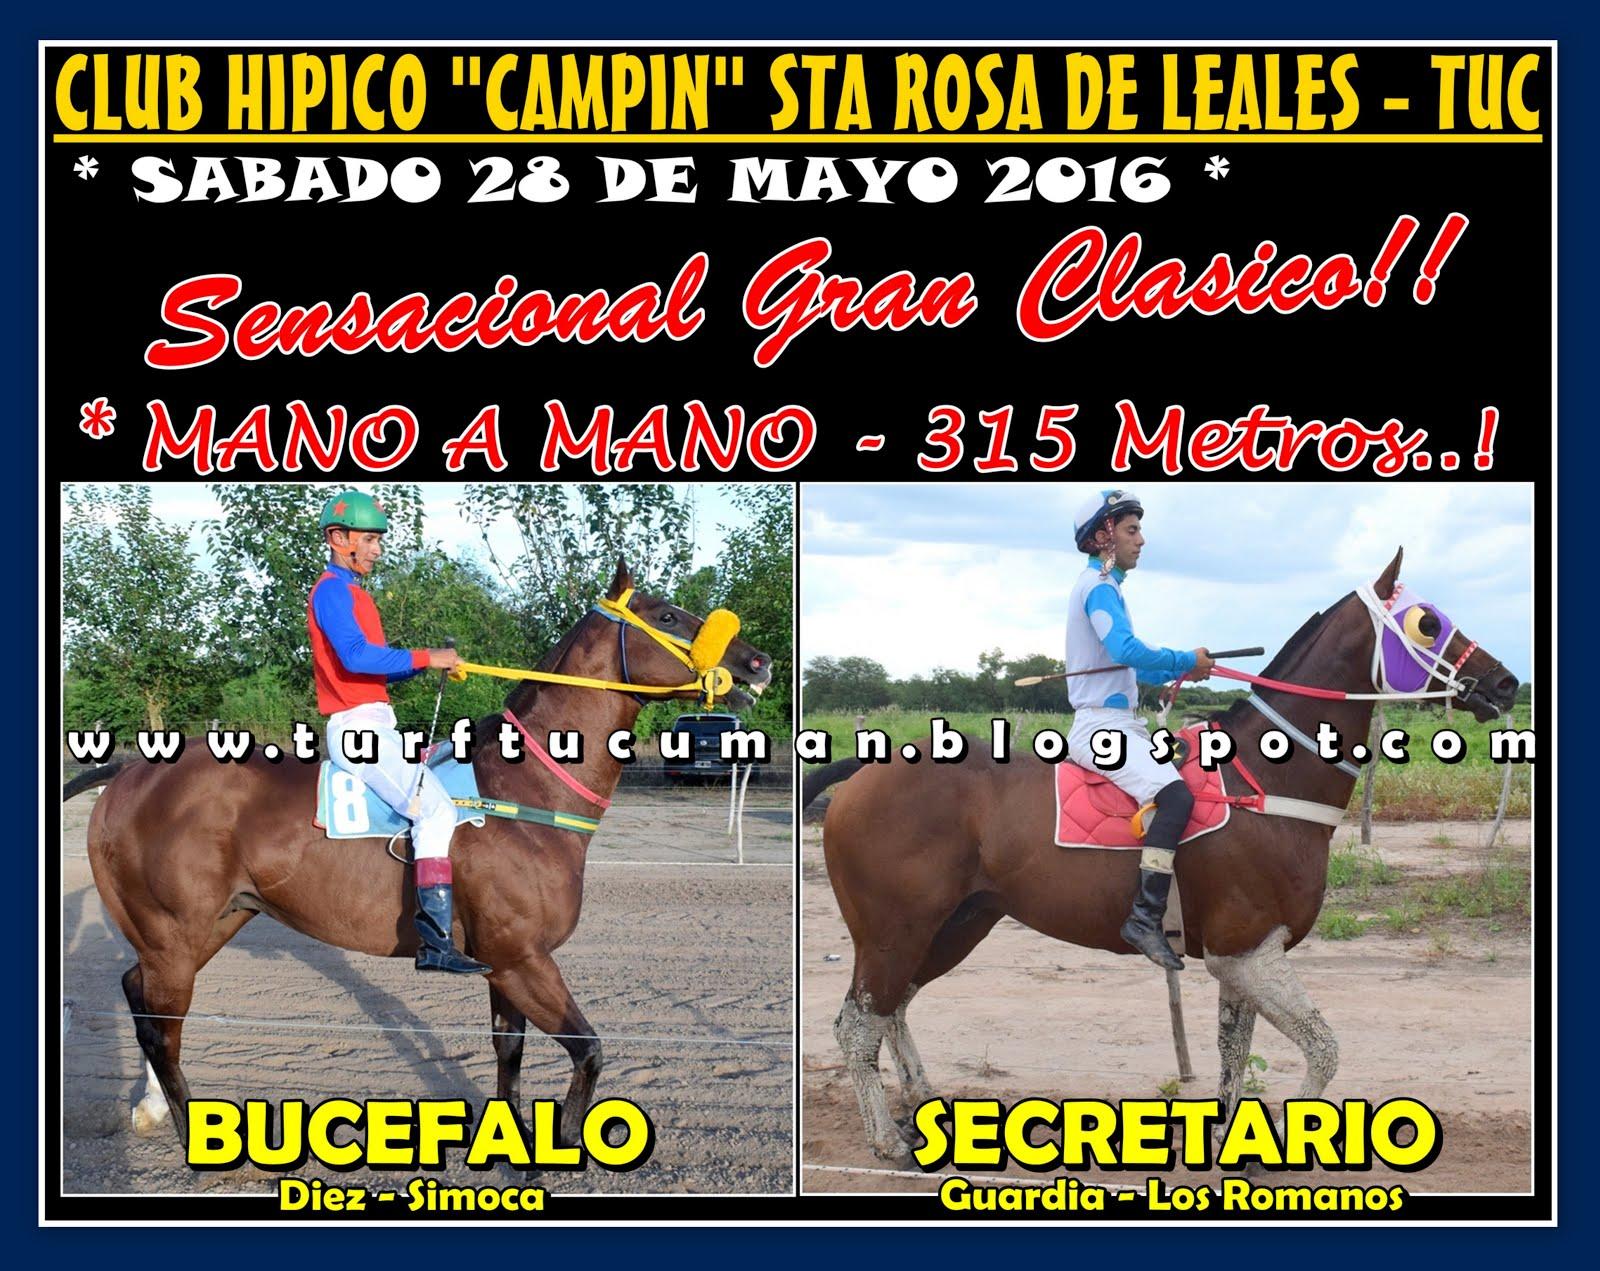 BUCEFALO VS SECRETARIO